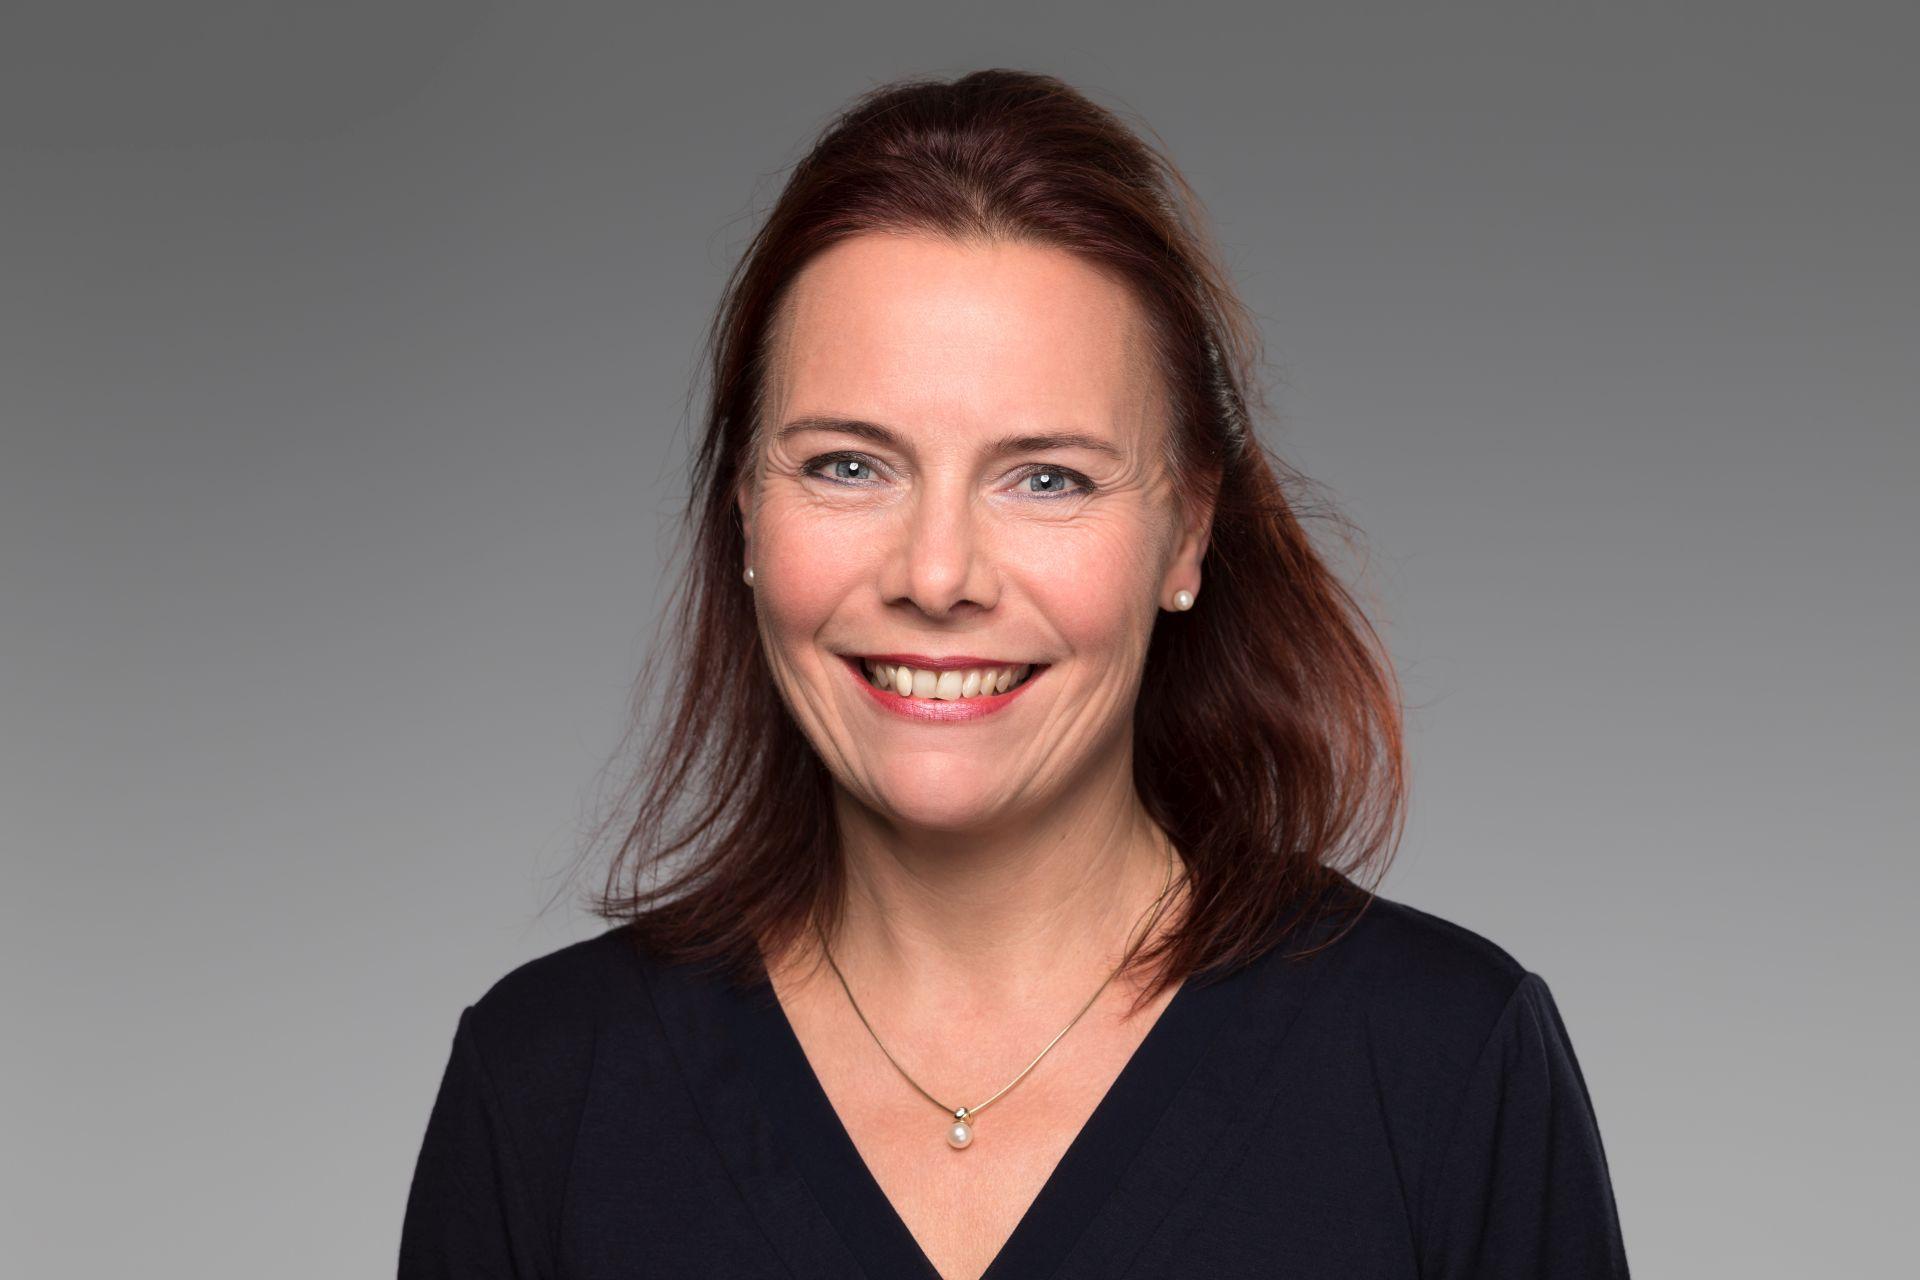 Saskia Ehrmann